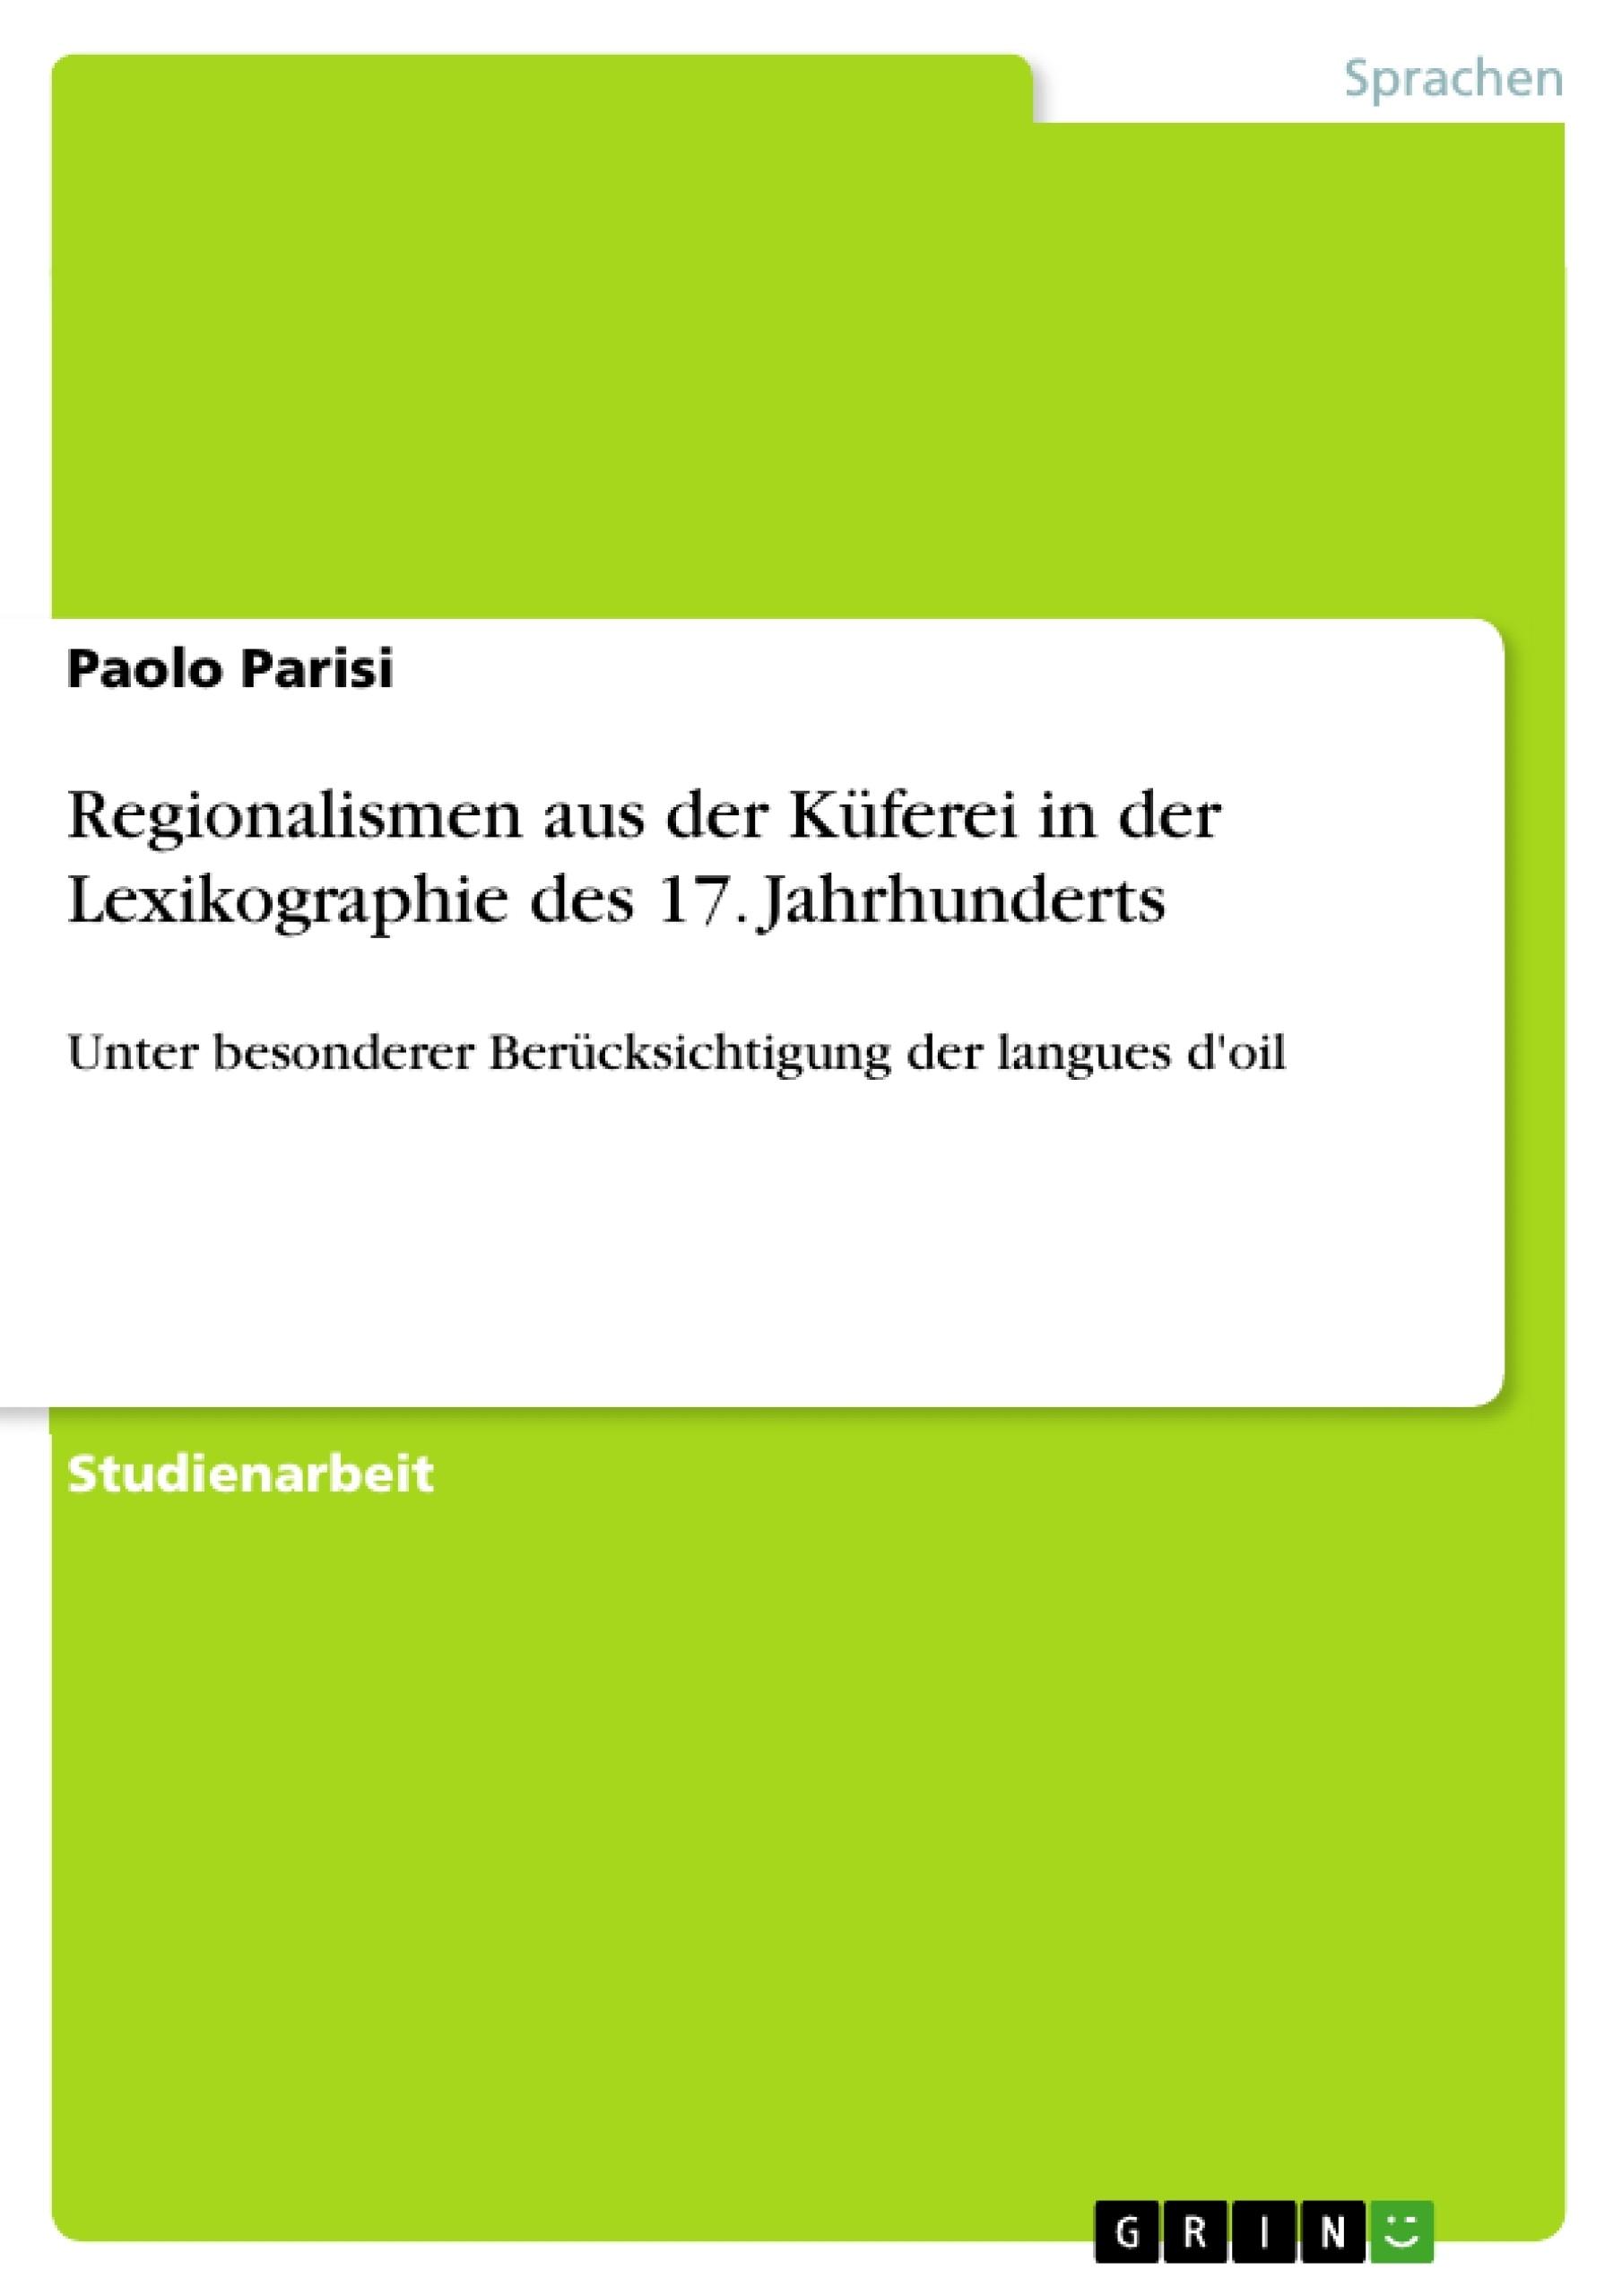 Titel: Regionalismen aus der Küferei in der Lexikographie des 17. Jahrhunderts